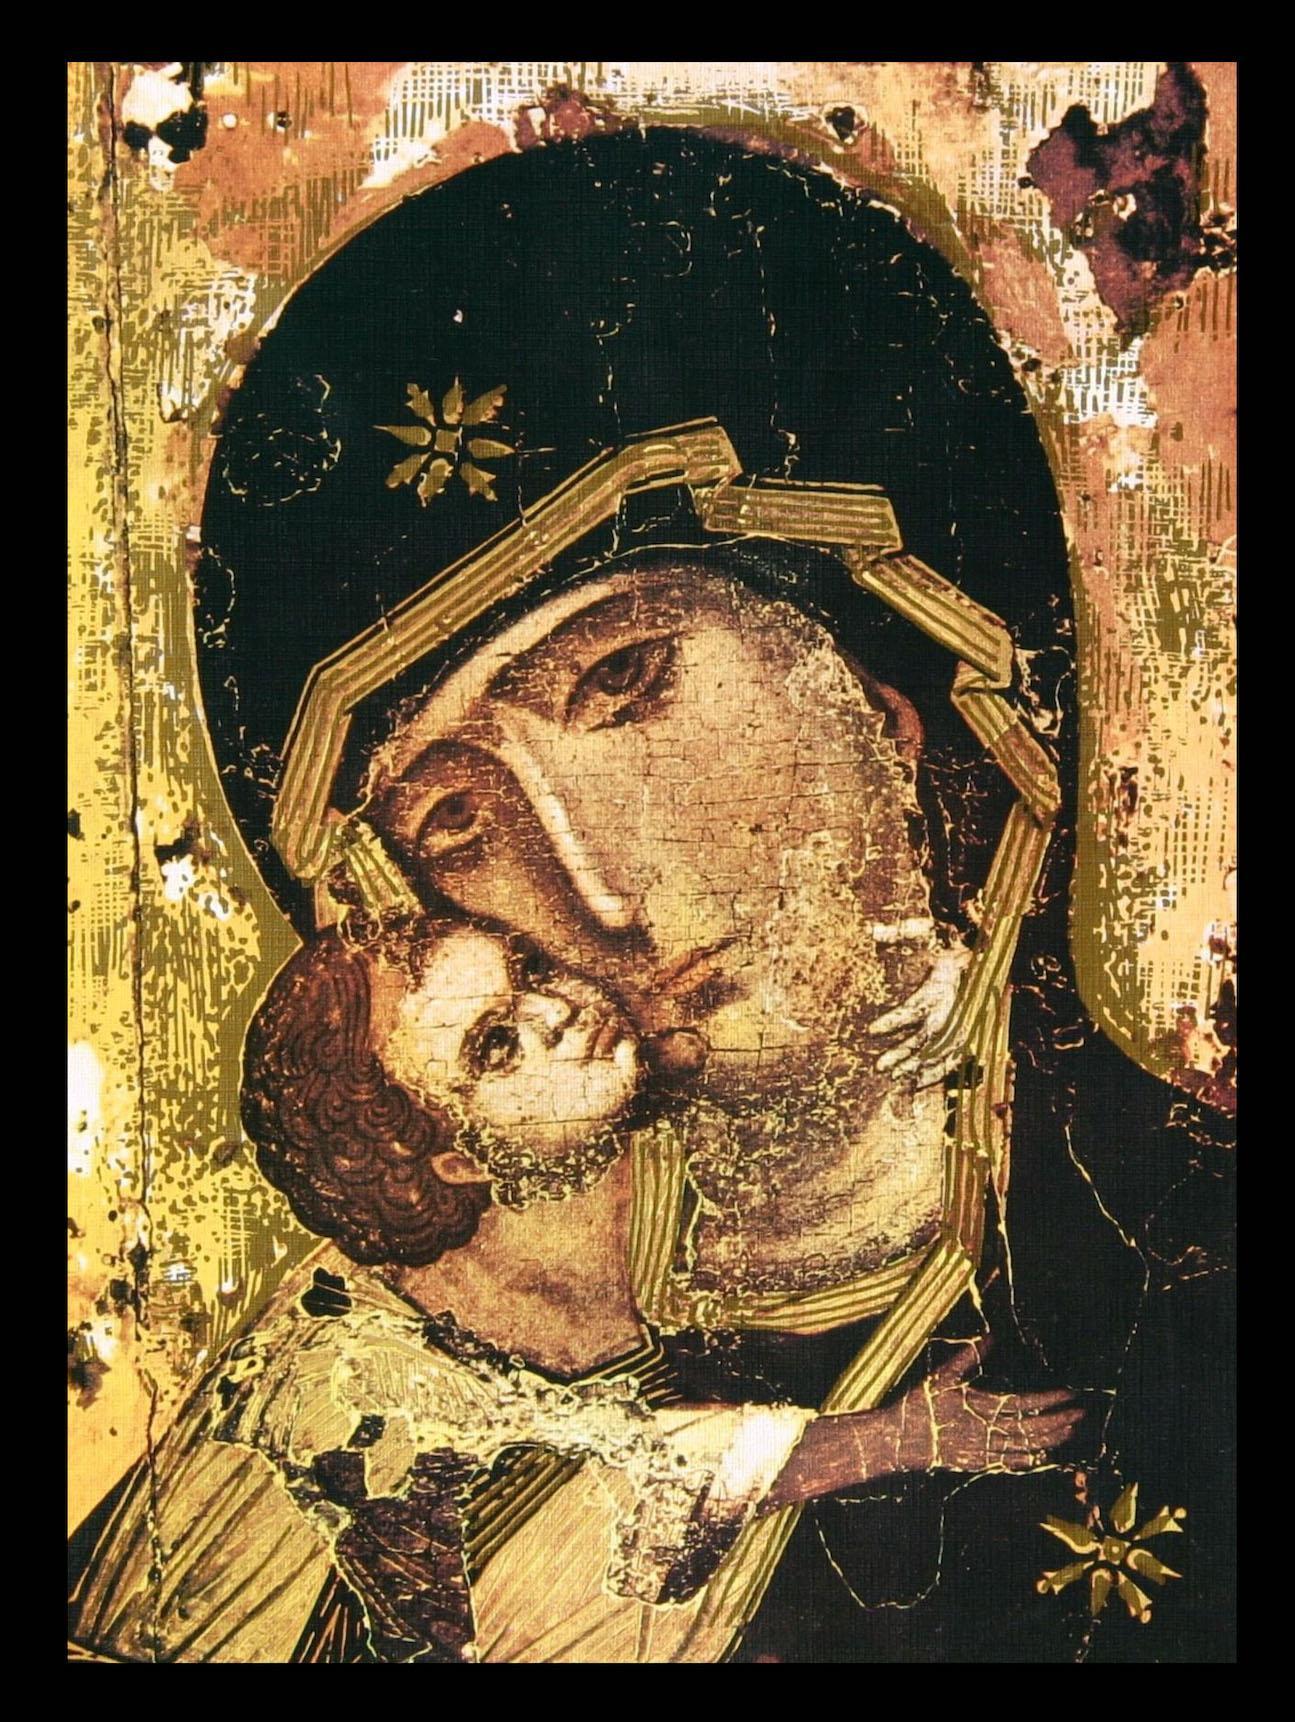 Moeder Gods van Wladimir